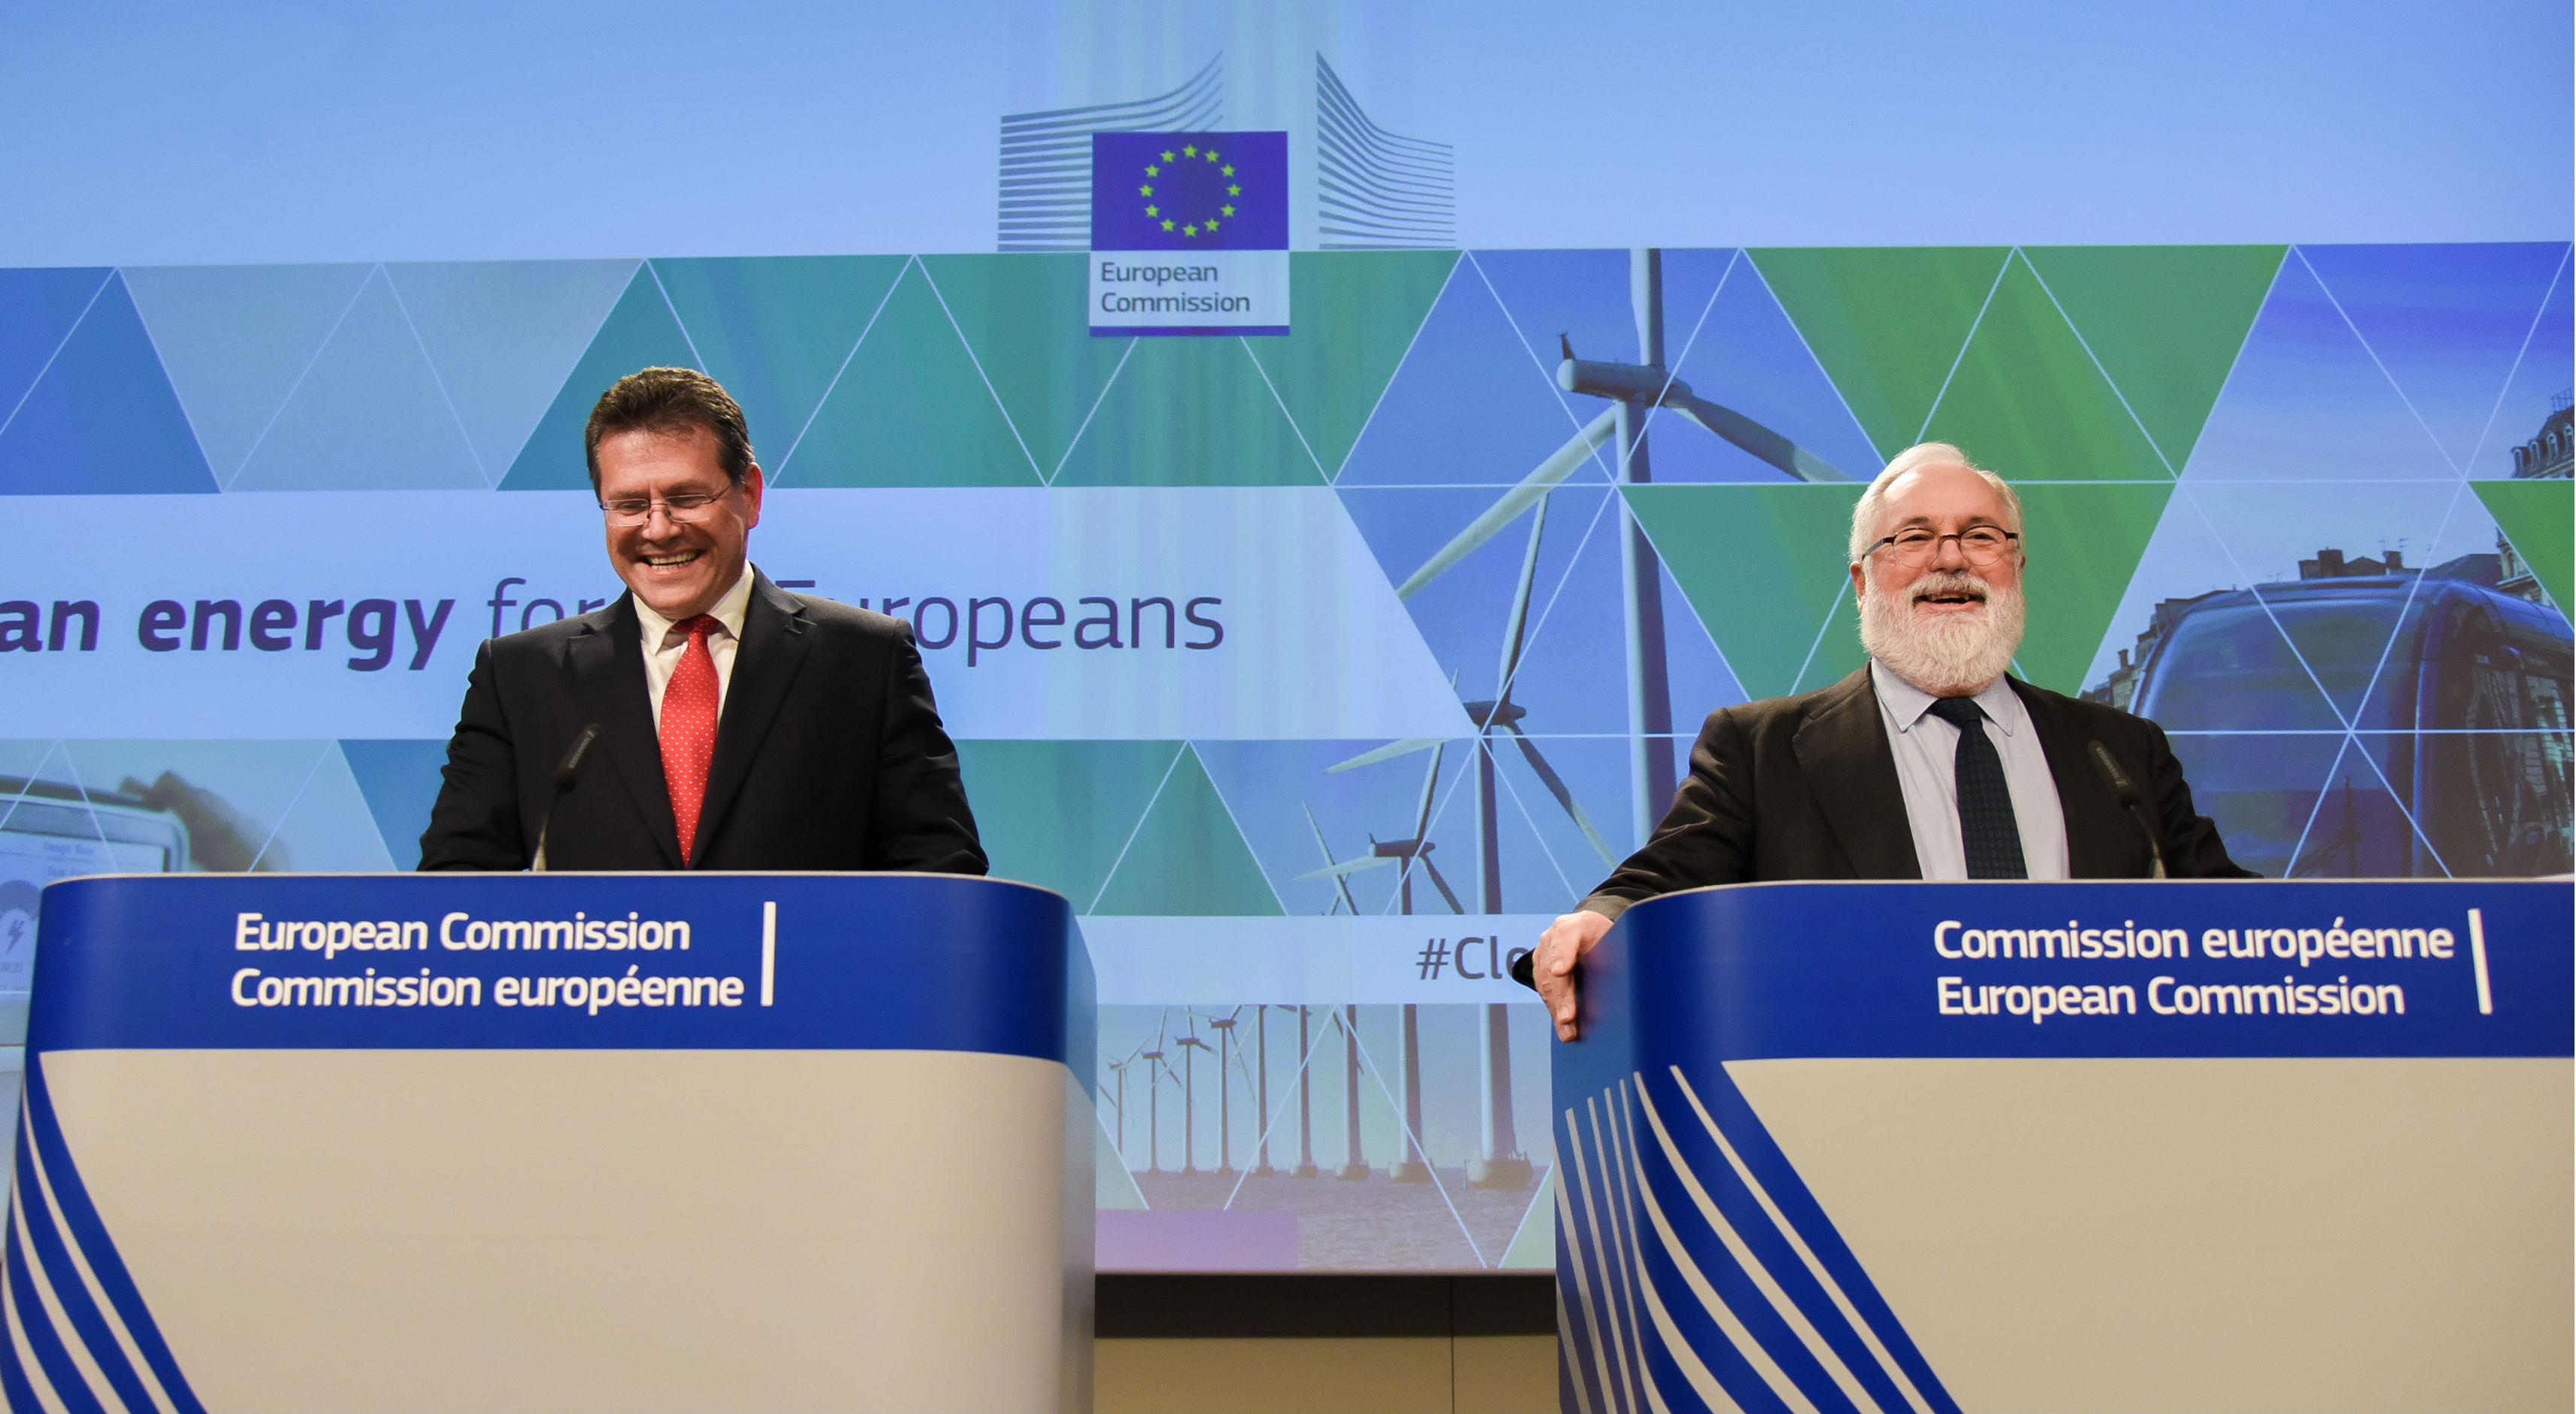 Maroš-Šefčovič, az Energiaunióért felelős bizottsági alelnök, és Miguel Arias Cañete energiaügyi biztos a Tiszta Energia Csomag bejelentésekor